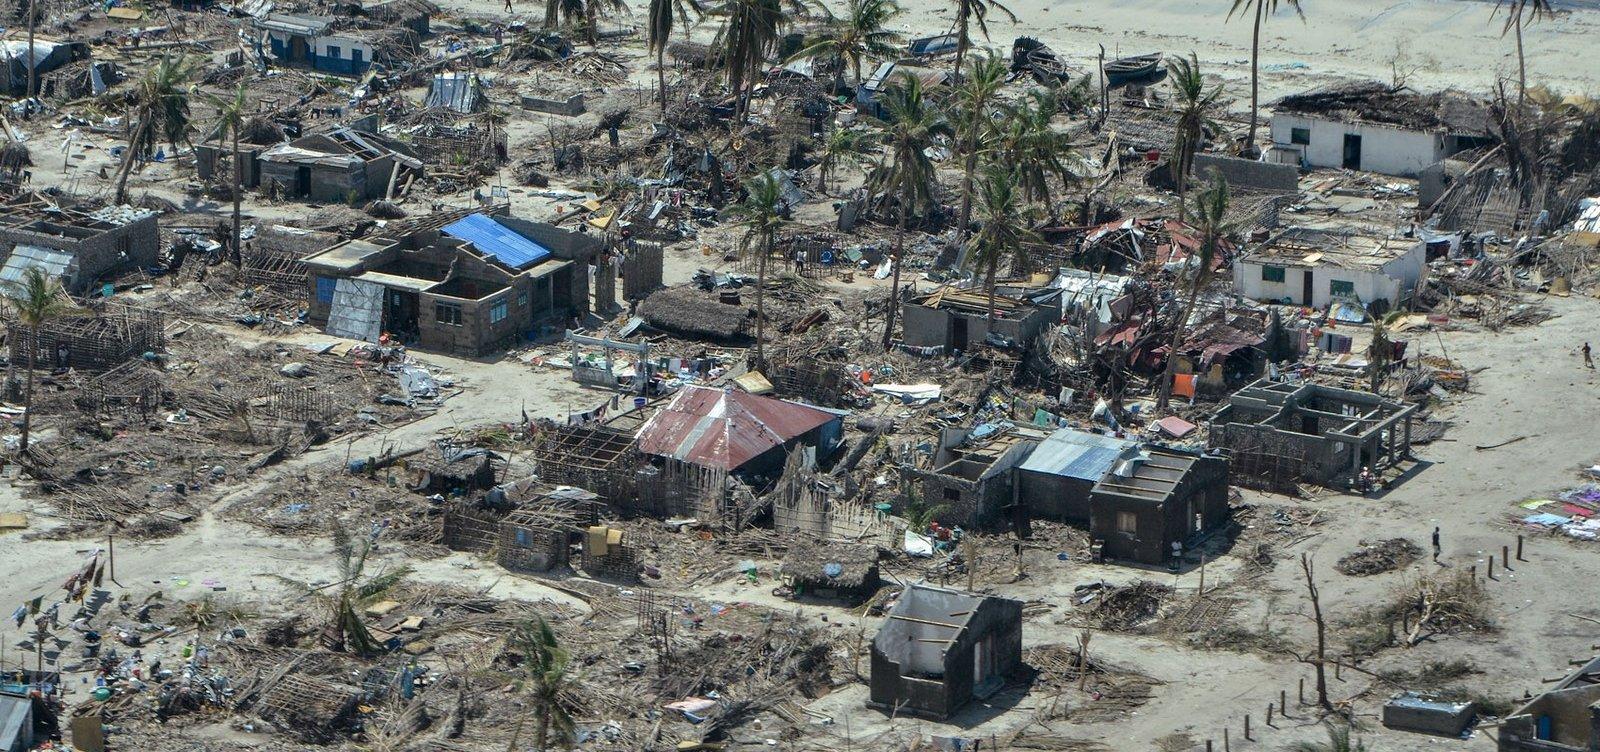 Moçambique recebeu menos de 10% da ajuda necessária após ciclones